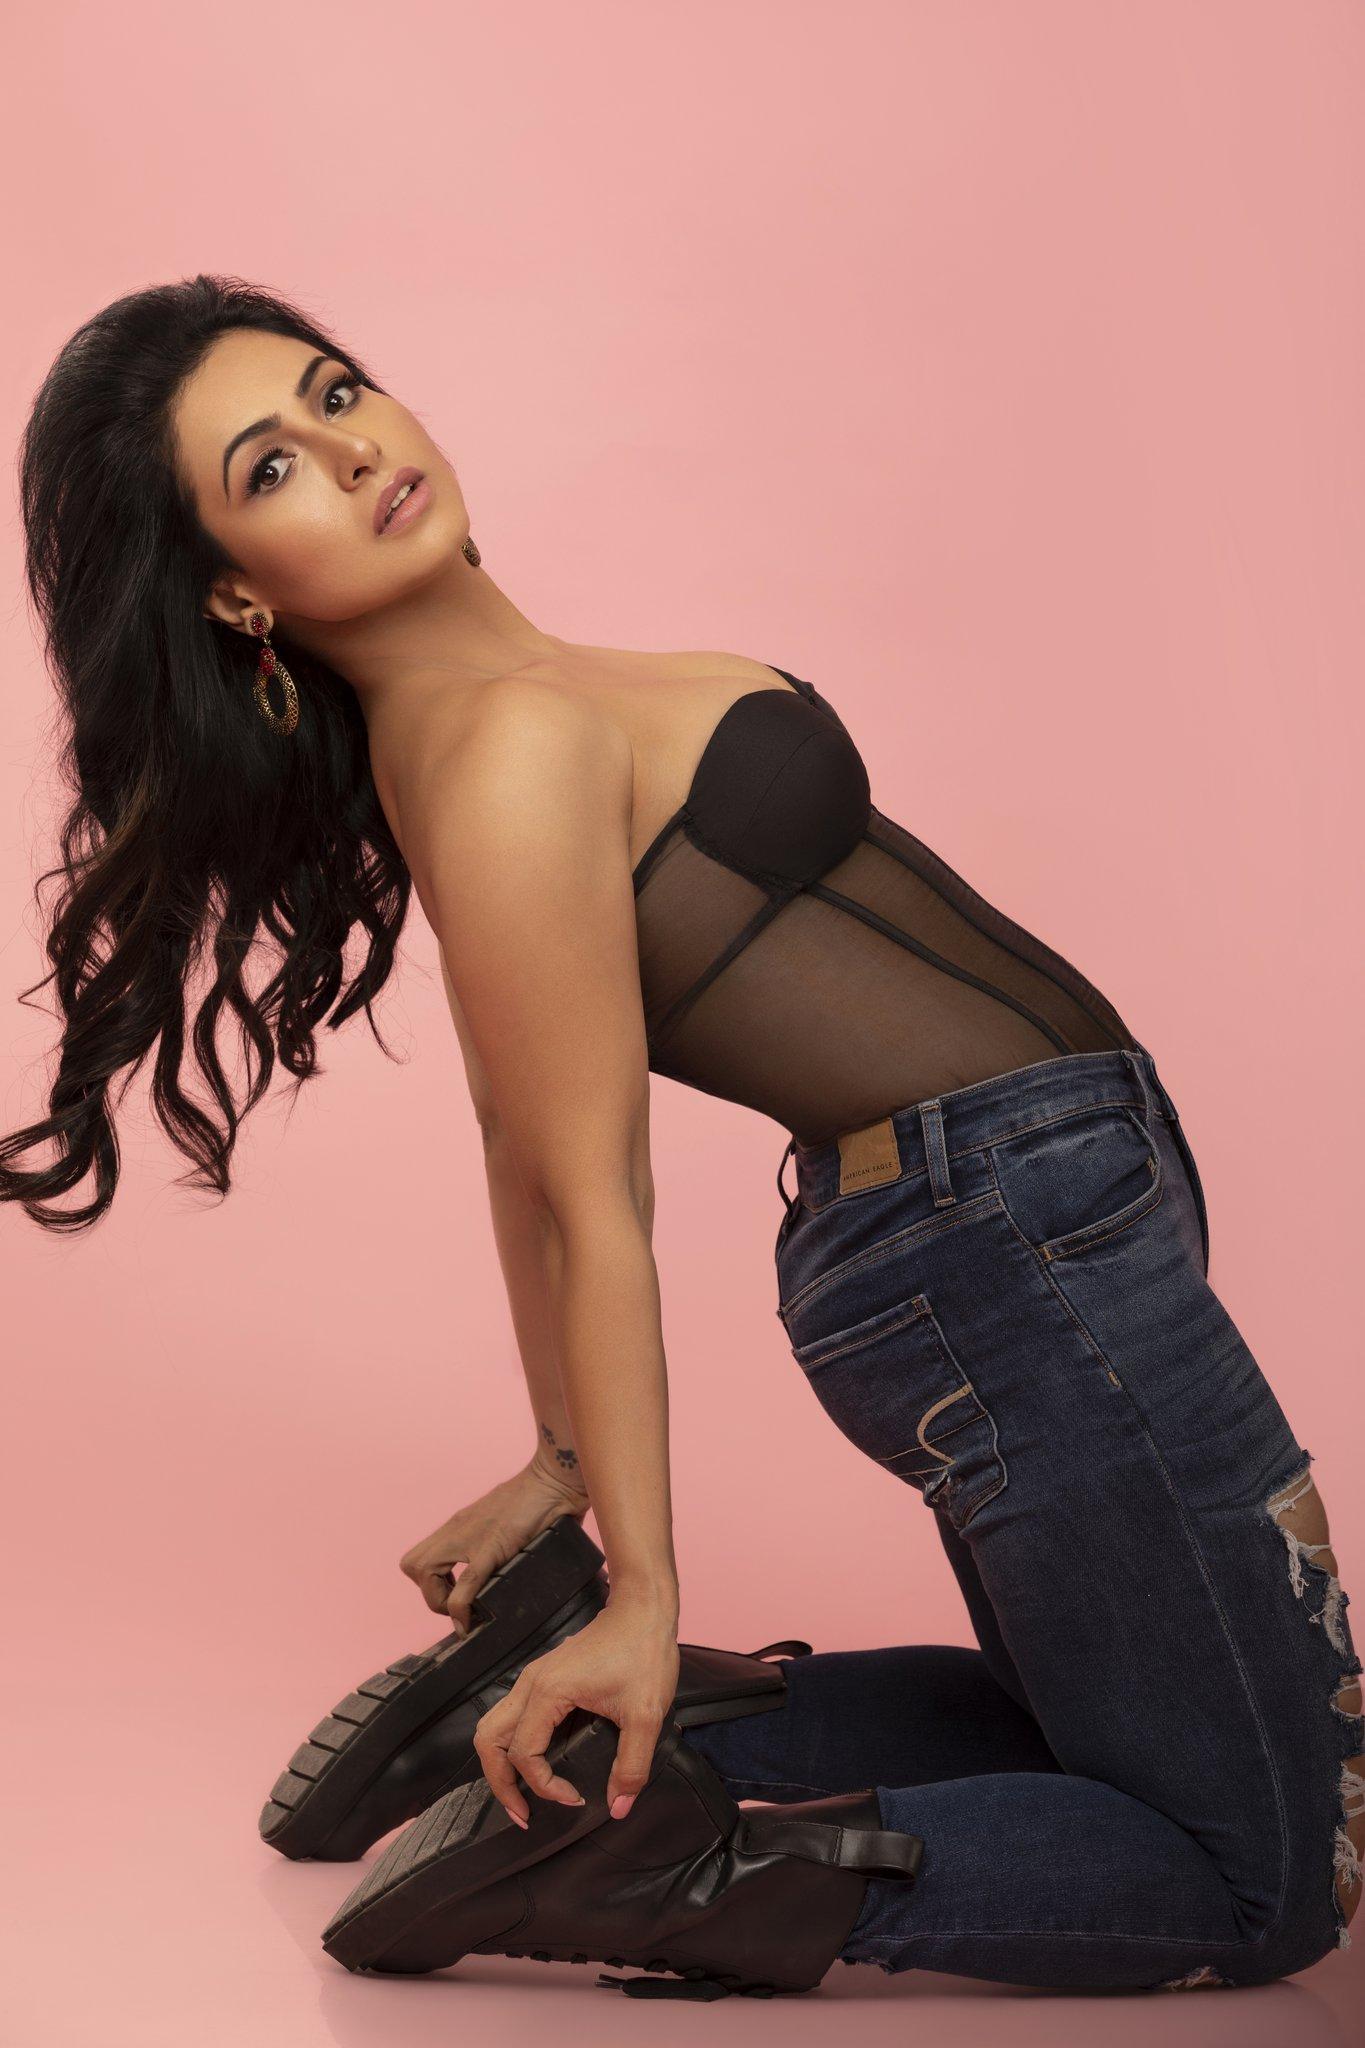 Actress Nandini Rai Recent Photoshoot, Actress Nandini Rai hot pictures, Actress Nandini Rai hot wallpapers